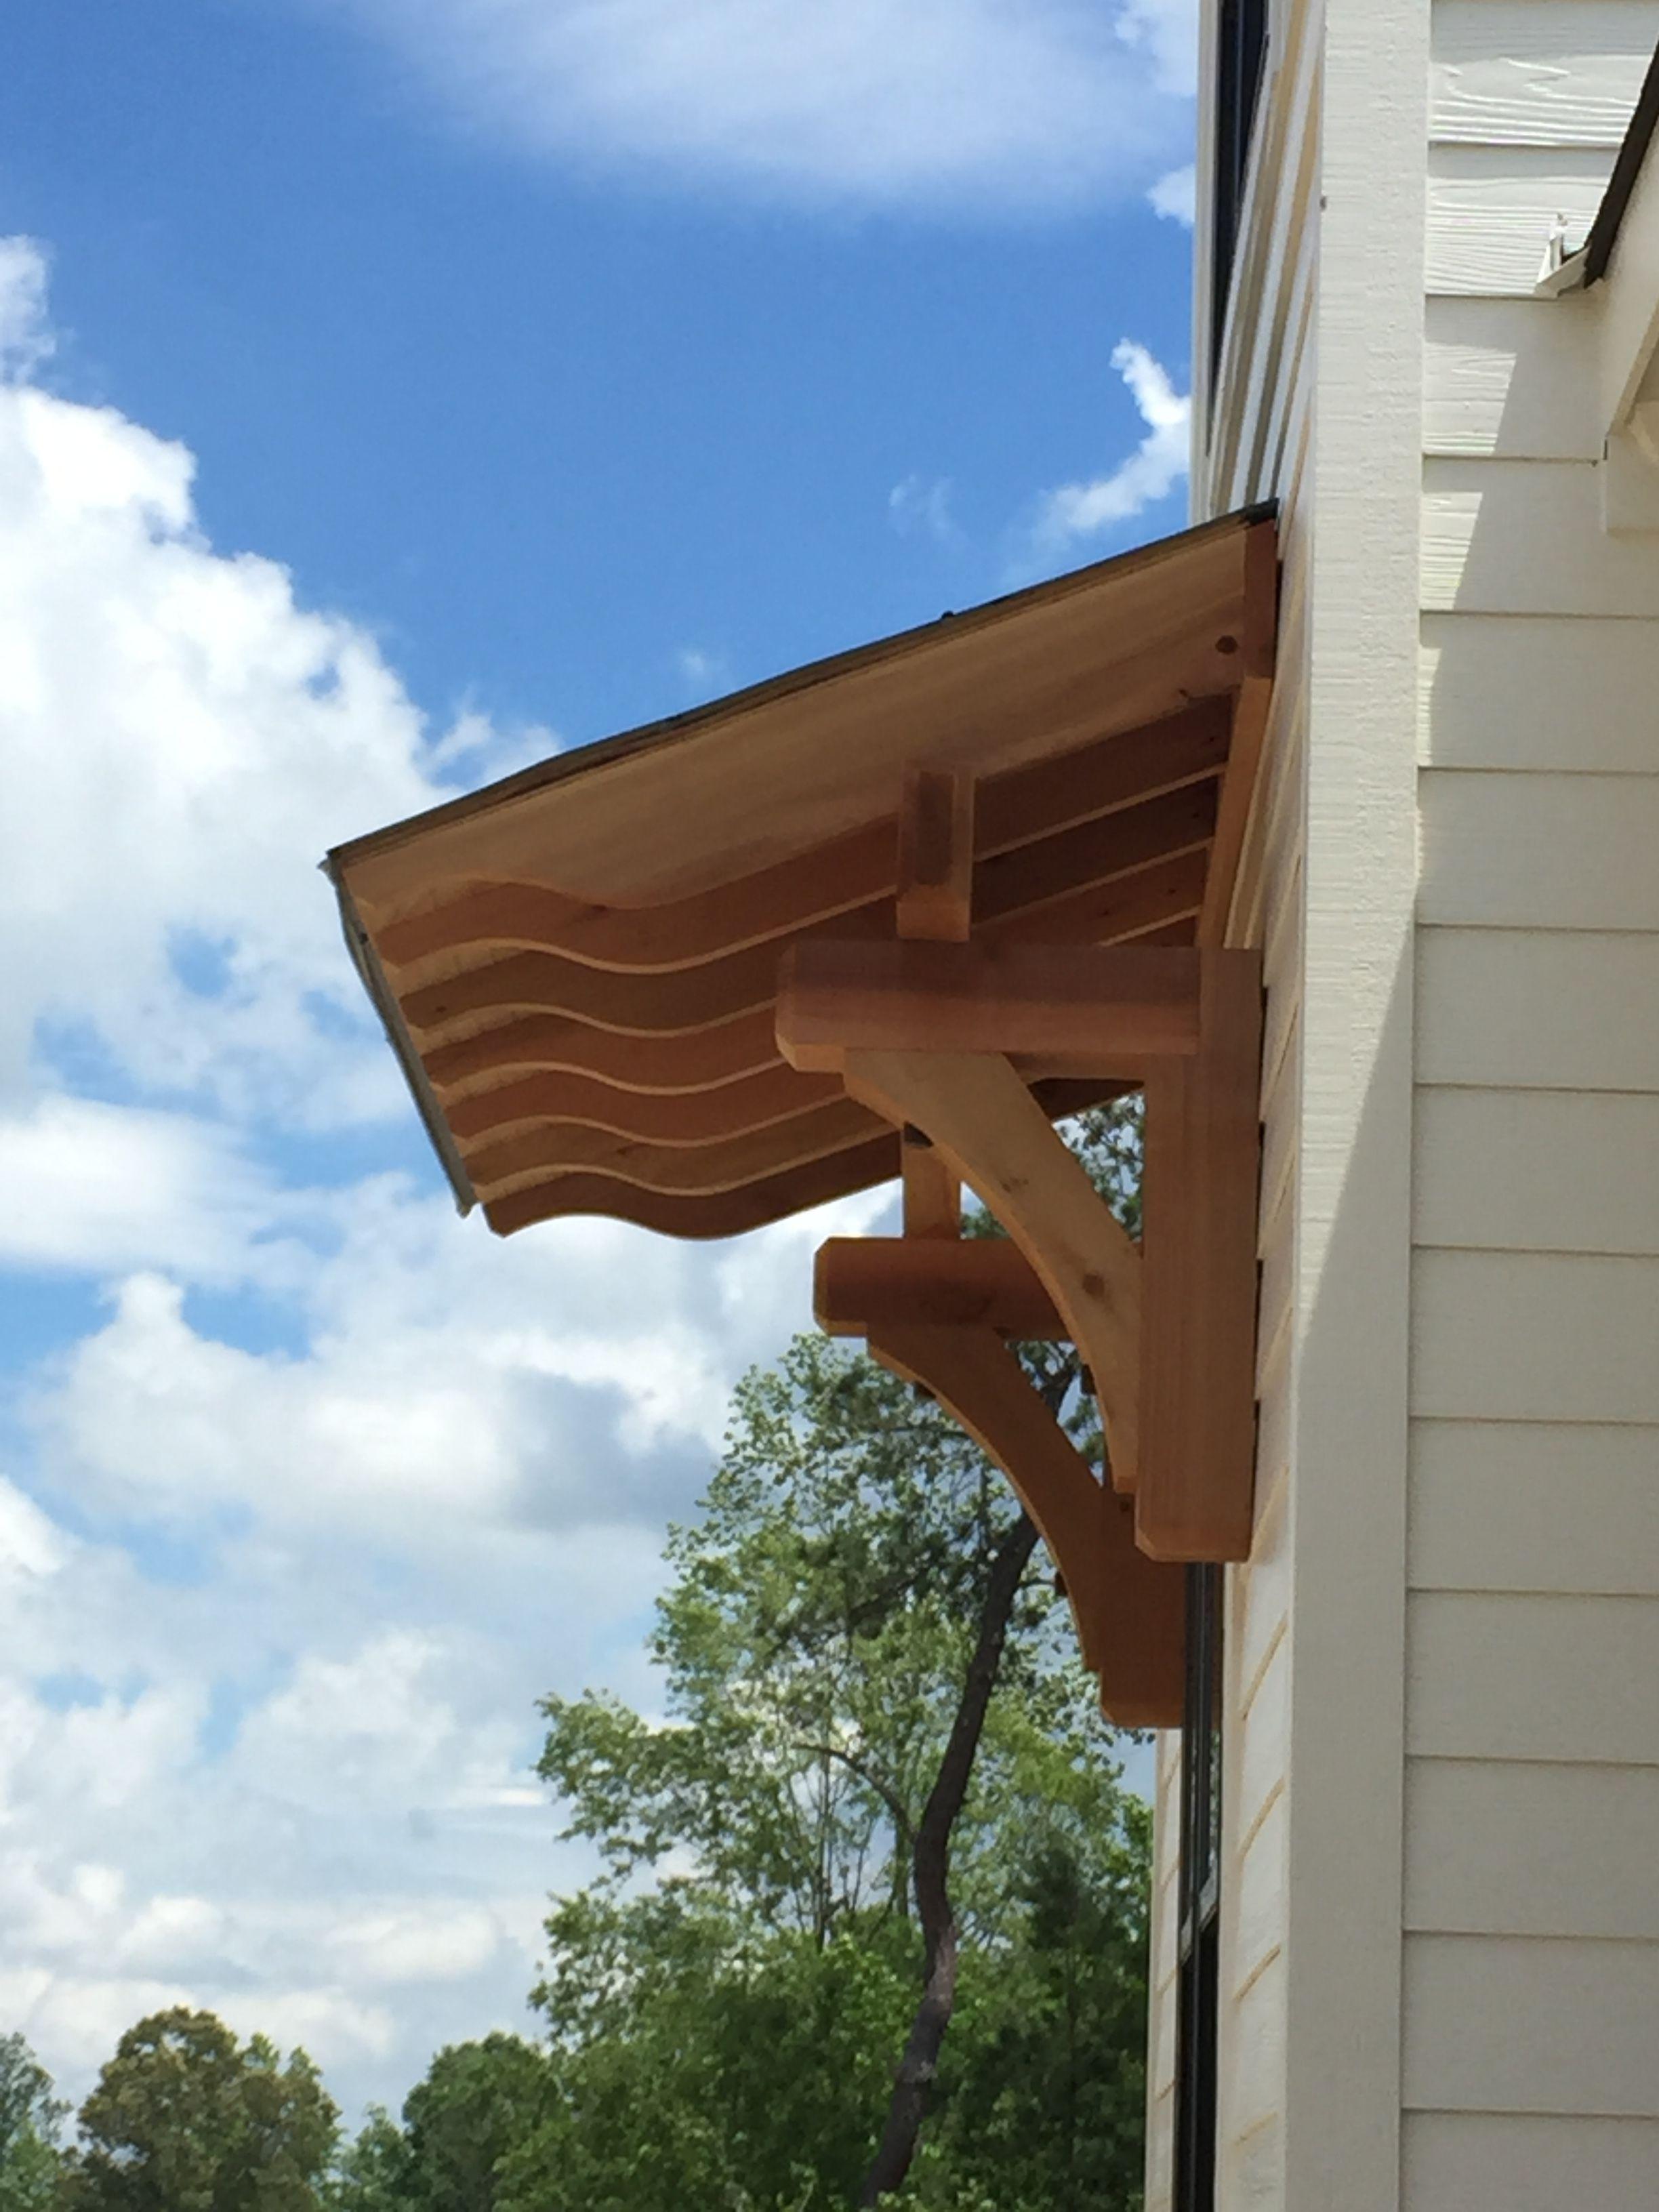 EXTERIOR above door | Exterior, Outdoor decor, Decor